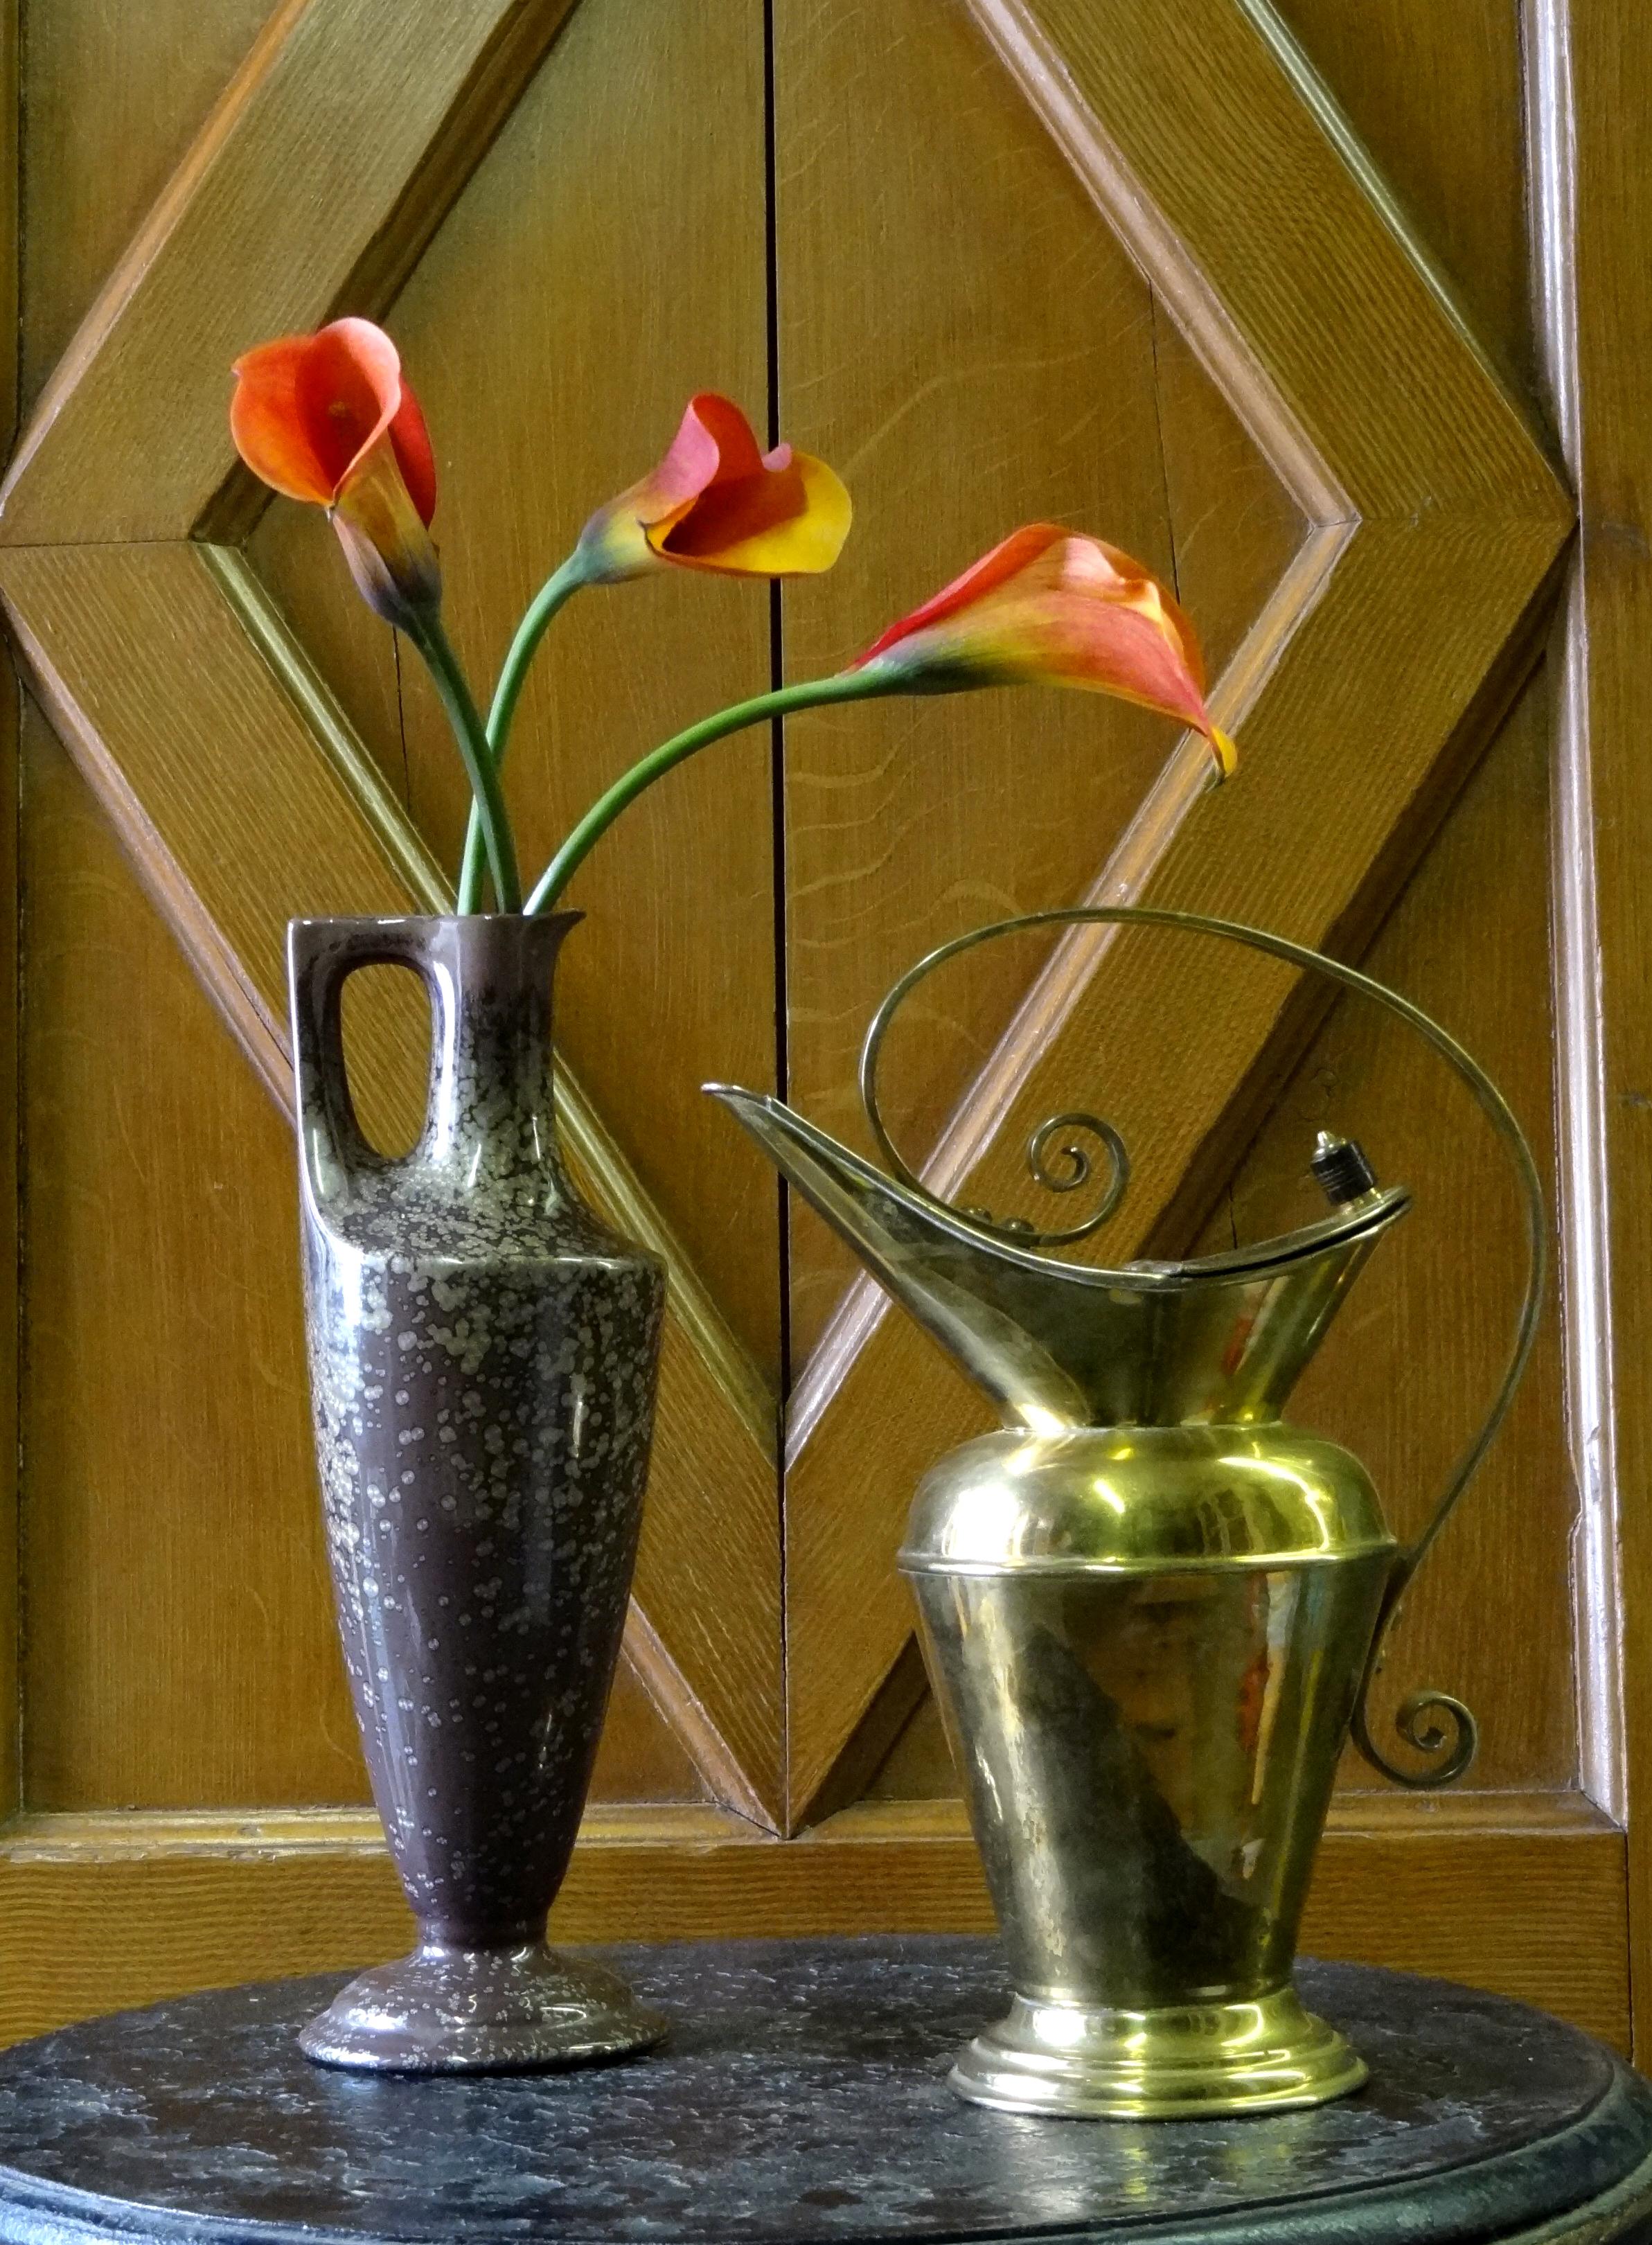 Dresser pitcher and vase